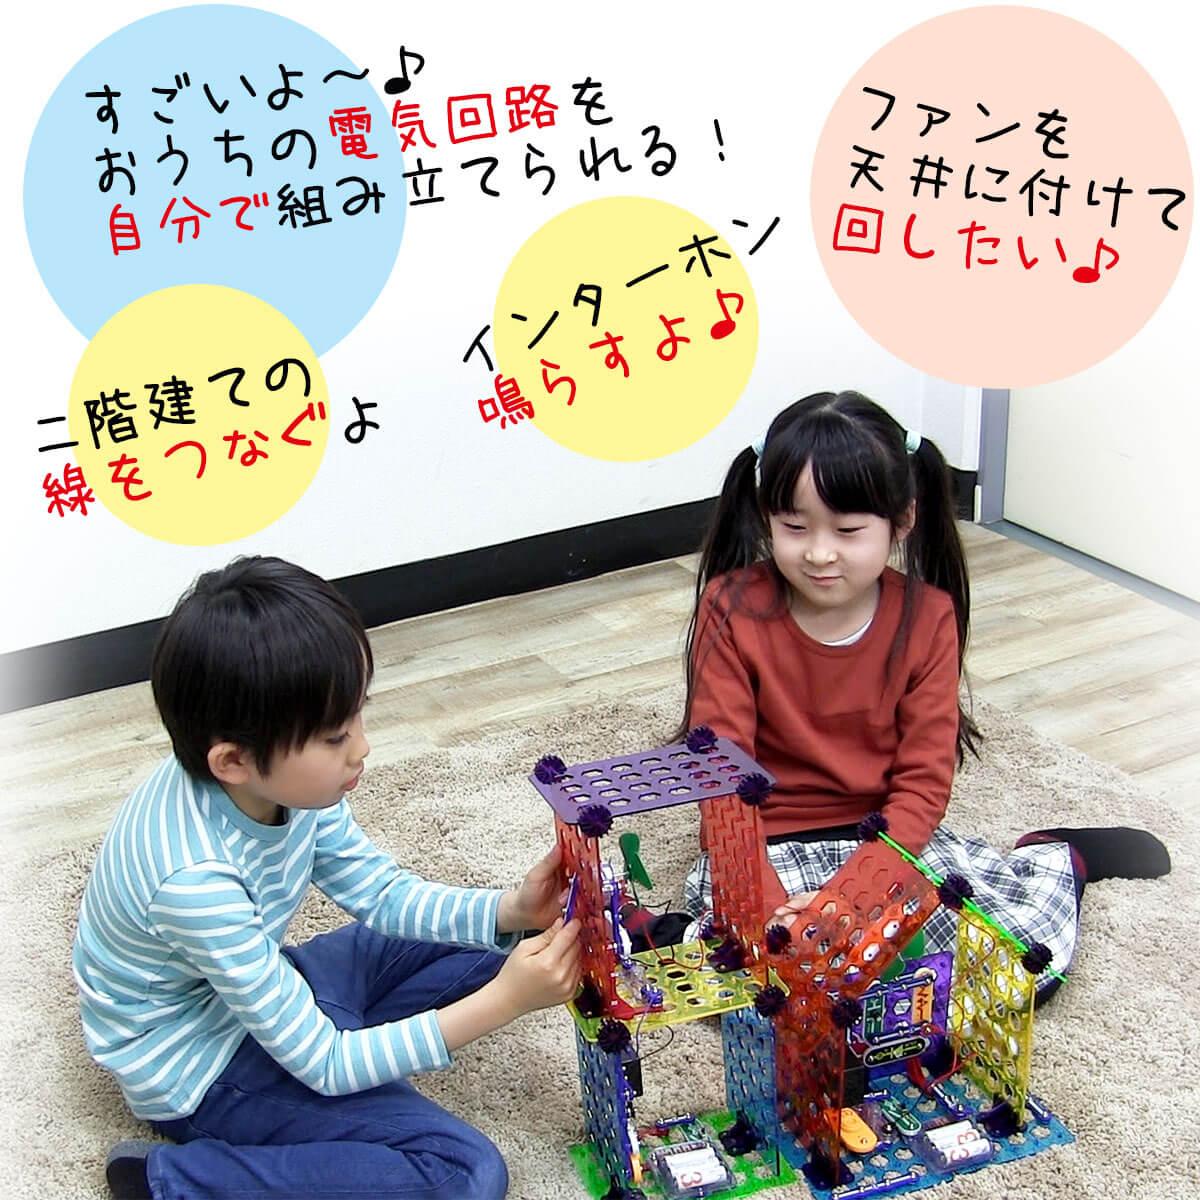 正規品 電脳サーキット マイホーム 立体的に電子回路が組めて、おうちの電気のしくみが分かるサイエンス玩具 子供 電子玩具 科学 おもちゃ